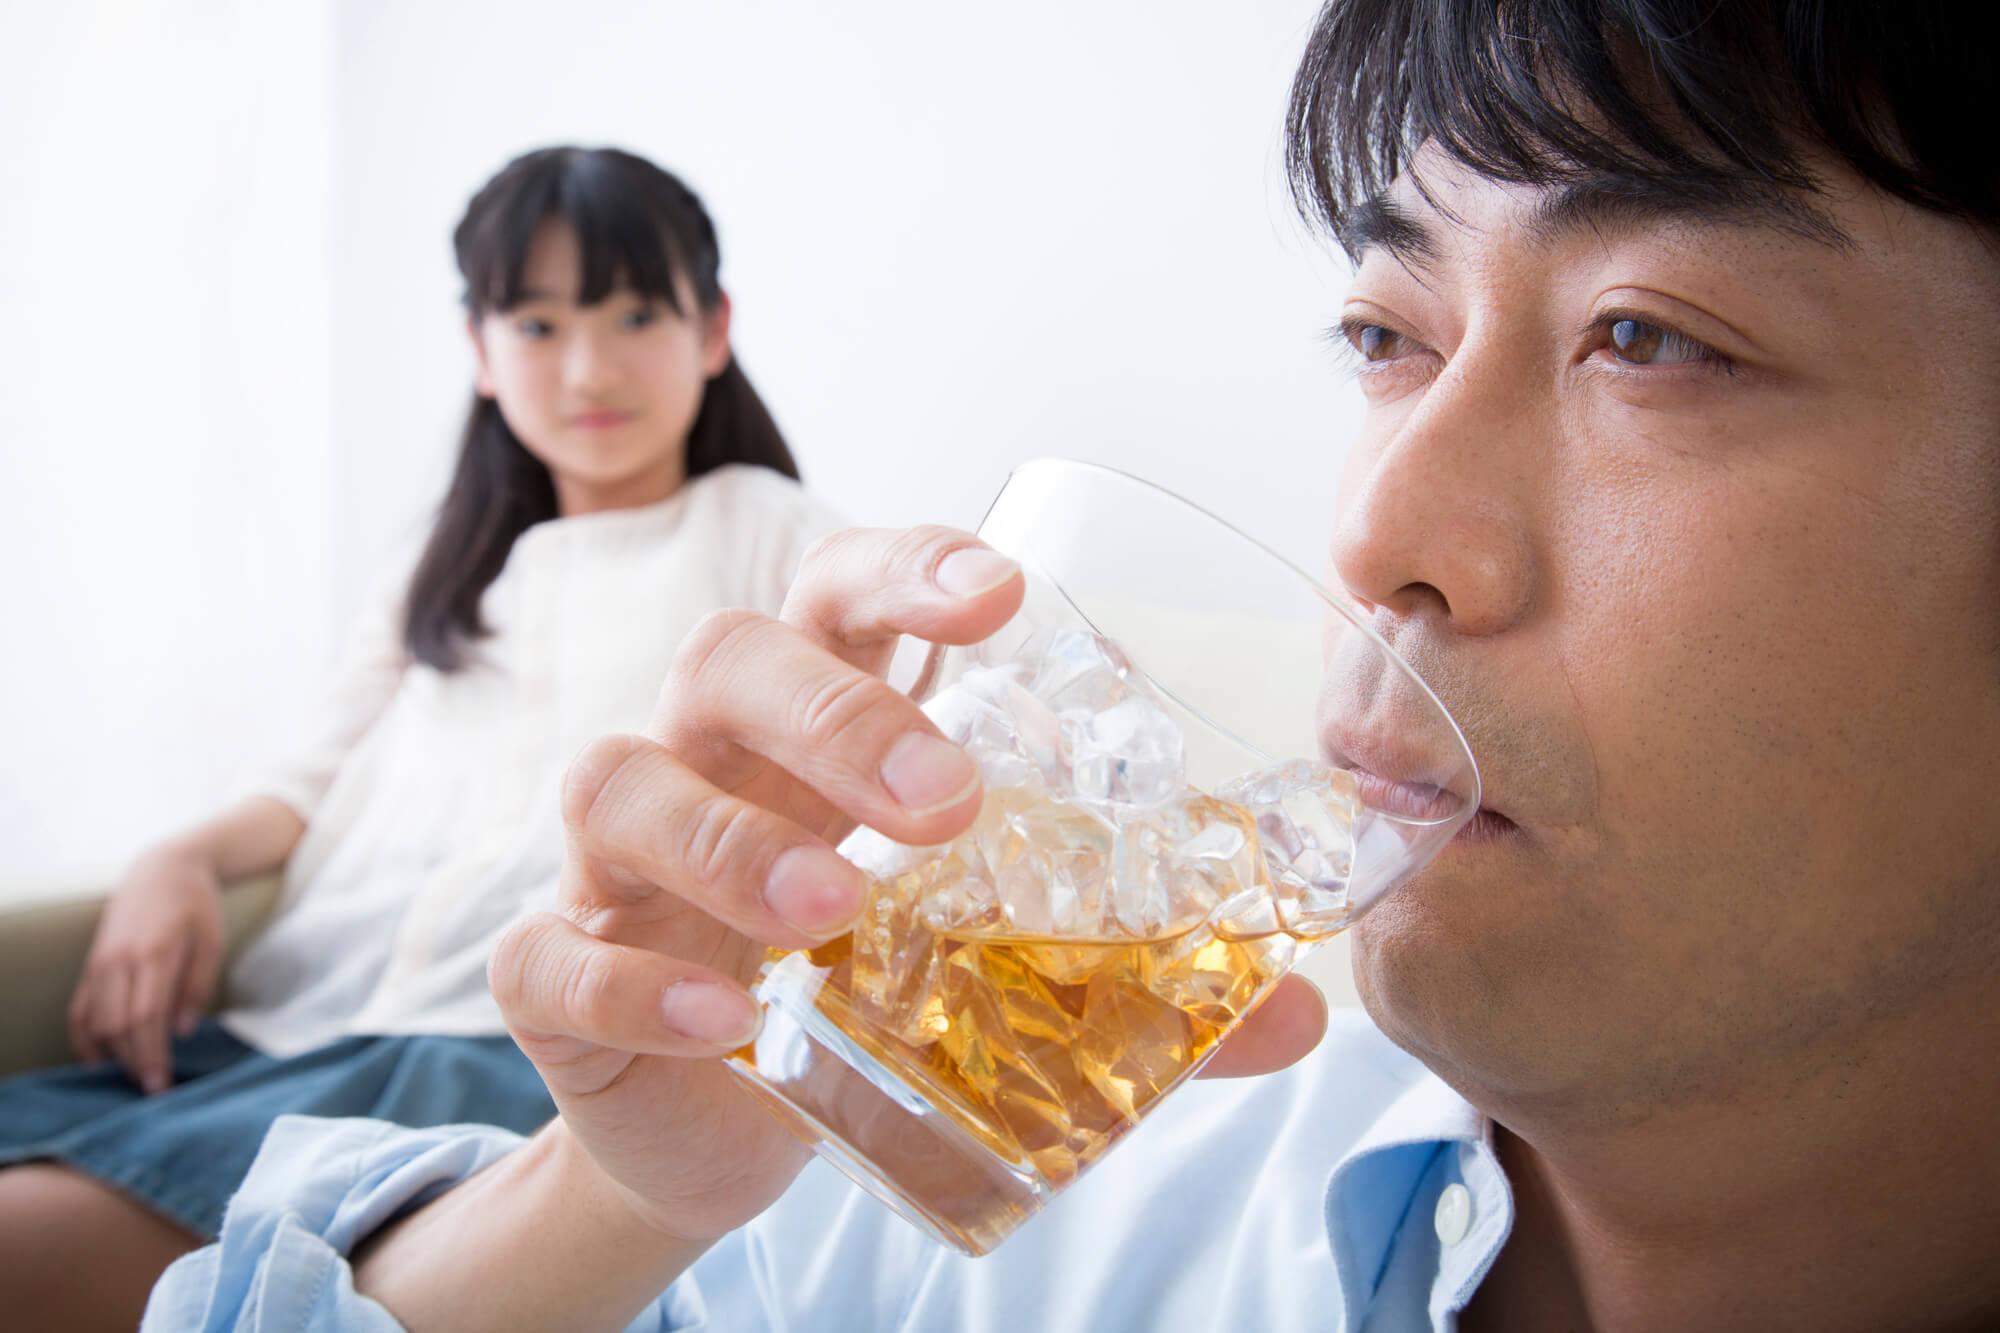 アルコール依存症で悩んでいる50代の男性